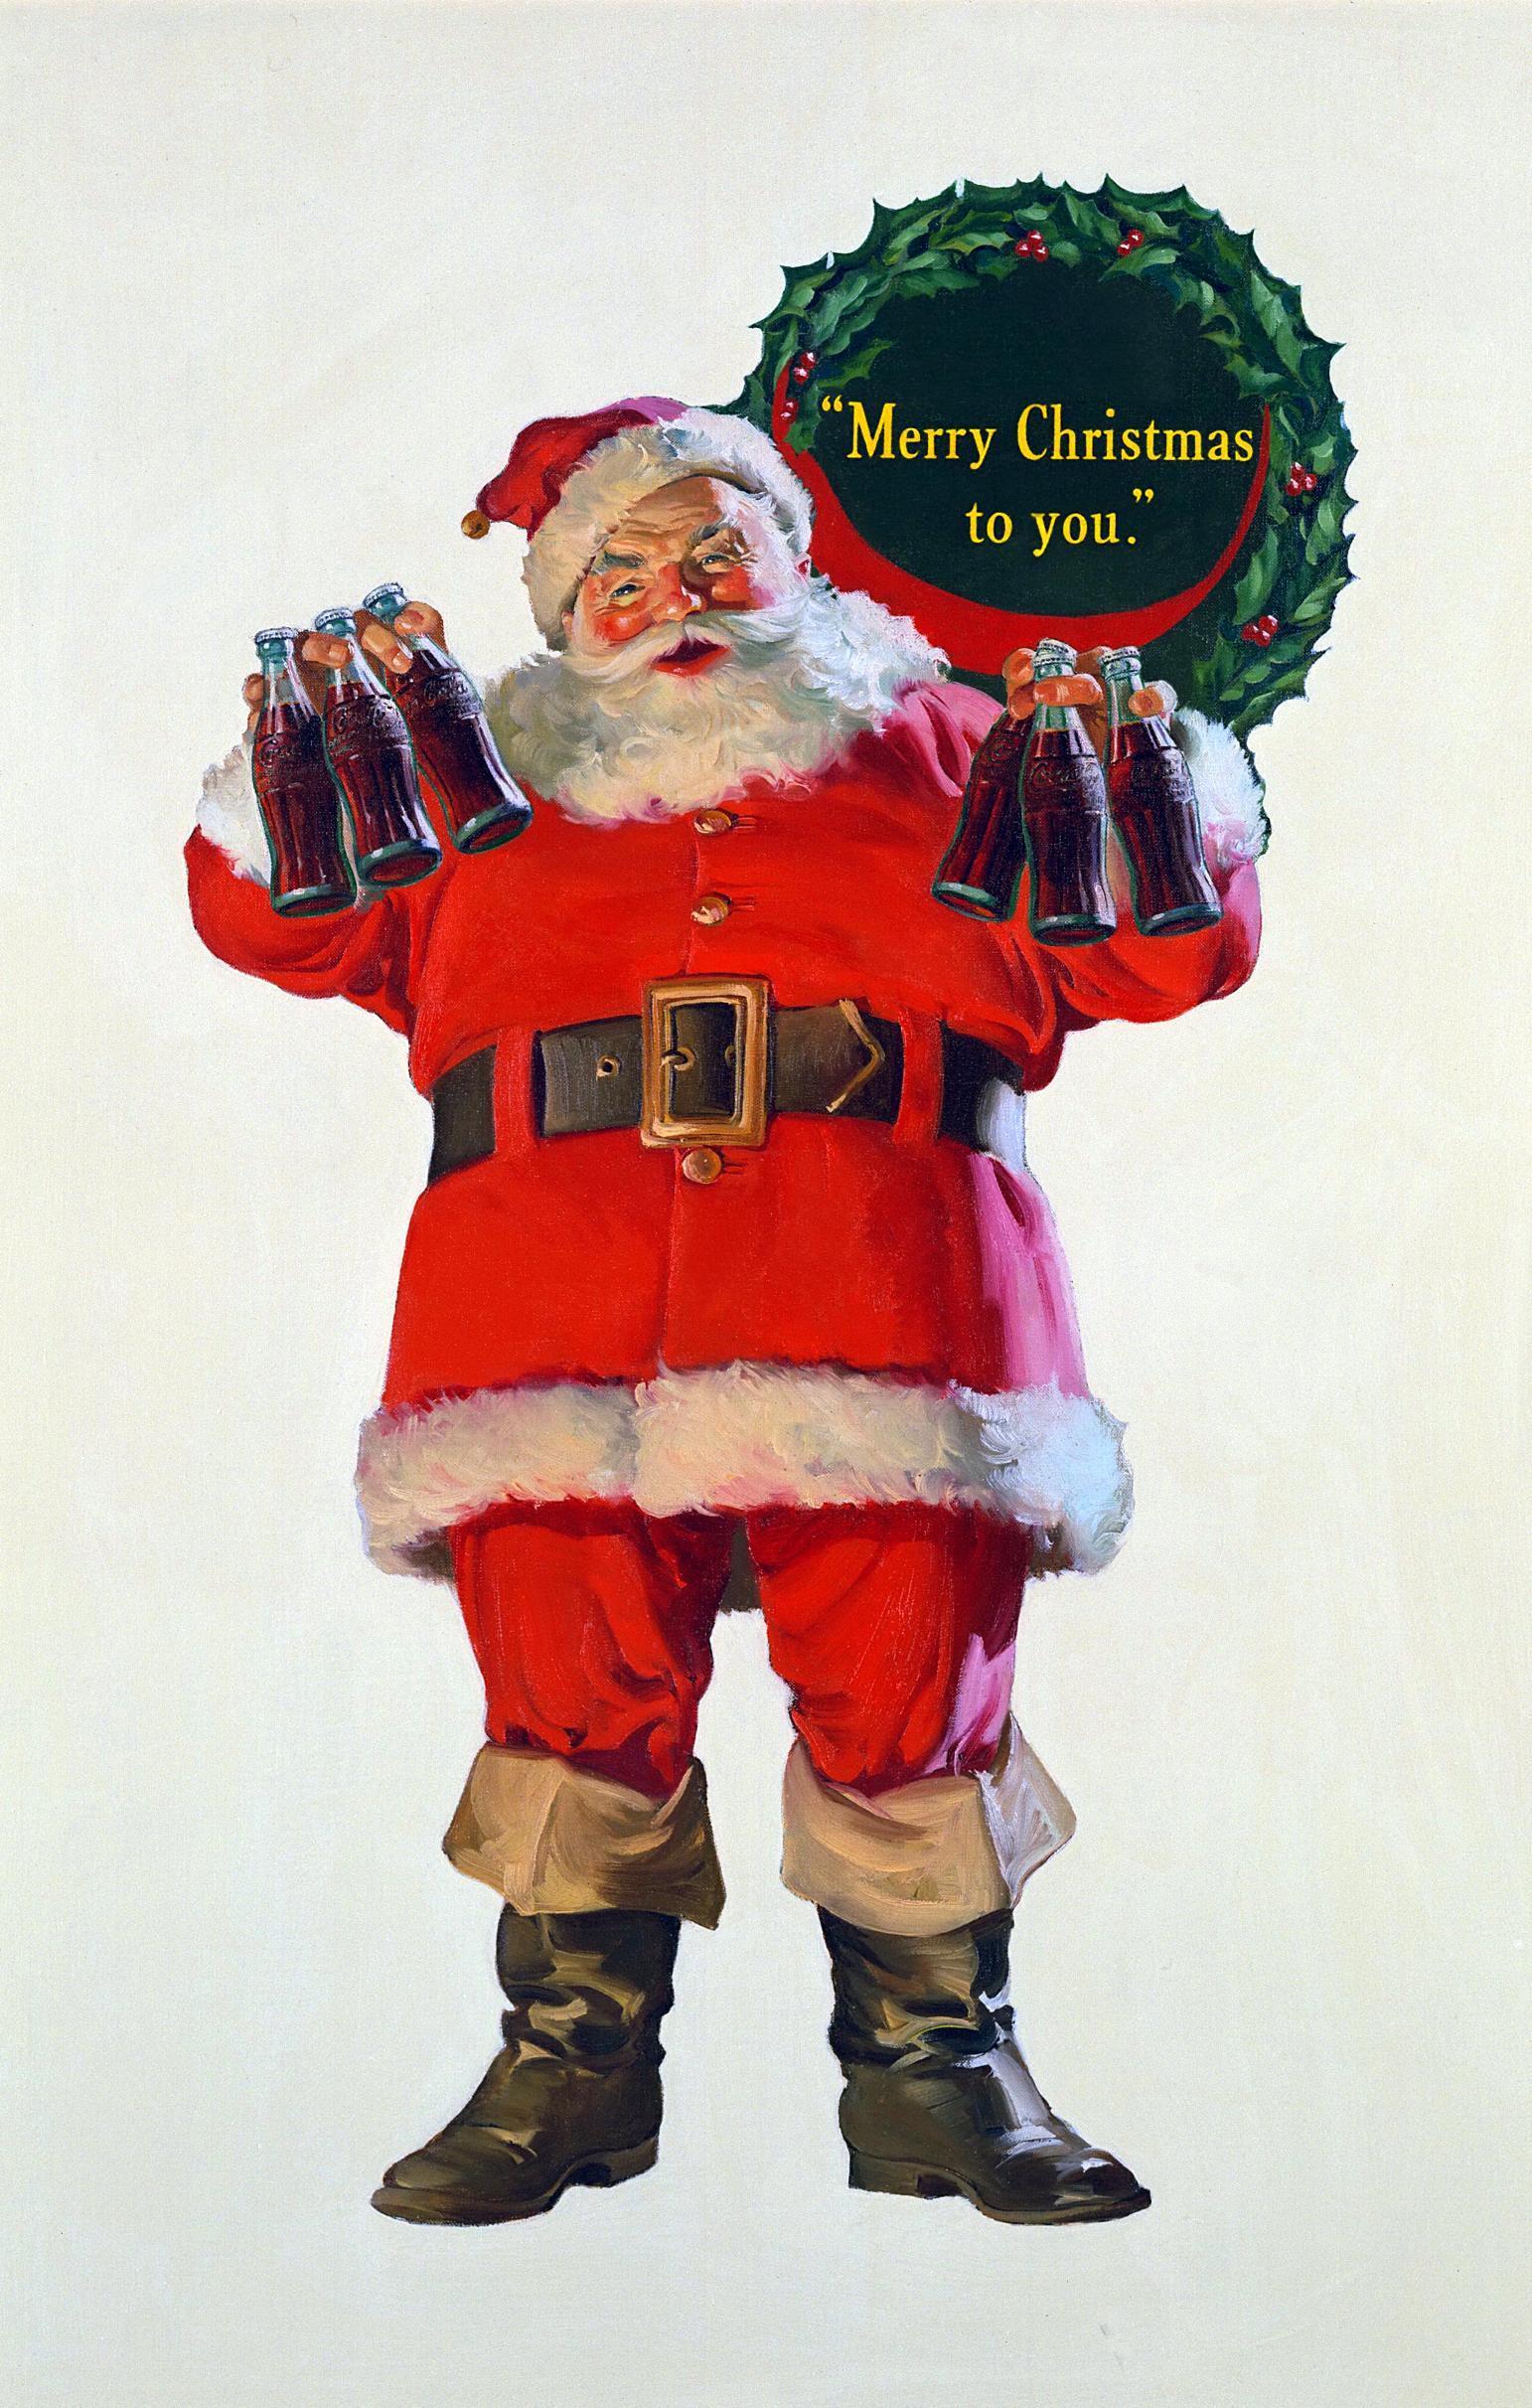 Origin of Santa's Image